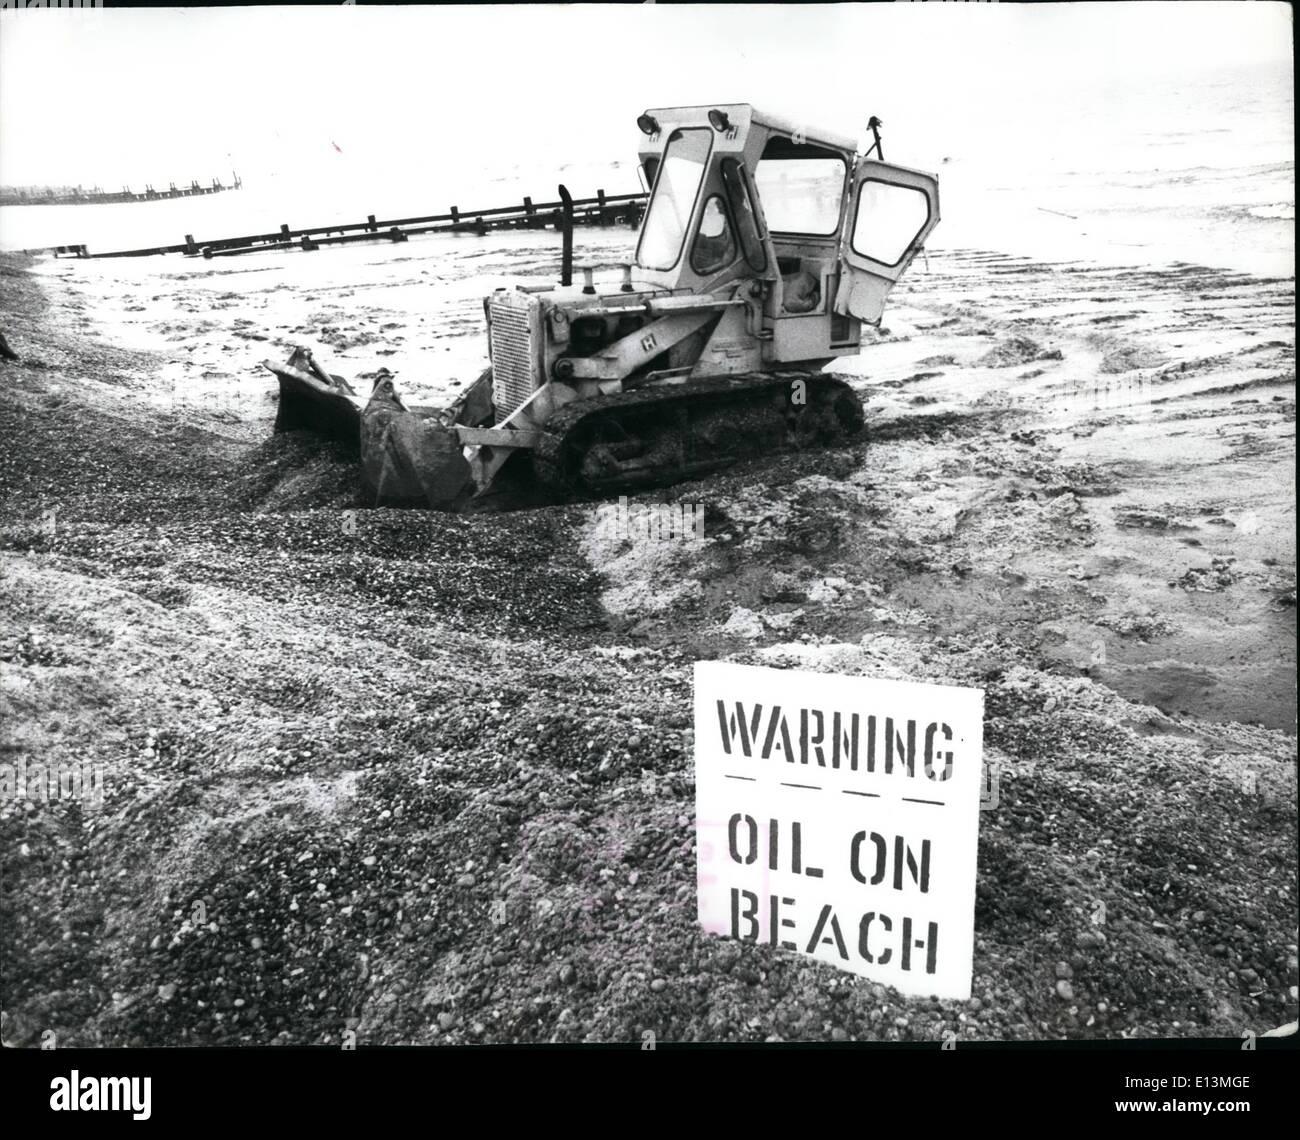 Martes 22 de marzo, 2012 - El aceite Hits Vacaciones Playas: unos quince kilómetros de Eas Anglian Vacaciones Playas estaban contaminadas ayer por aceite de motor negro grueso del naufragio del petrolero griego, Eleni V. 12.000. El aceite desembarcaron entre Winverton, Norfolk, y Lowestoft. El eleni fue cortado en dos el sábado después de una colisión con el buque mercante francesa Roseline1 16.000 - la sección de proa del buque cisterna ha sido varado sobre un banco de arena a unos cuatro kilómetros de lowestoft por anclas que esperan detener se deriva y rompiendo y derramando el resto de sus 3.000 toneladas todavía a bordo Imagen De Stock